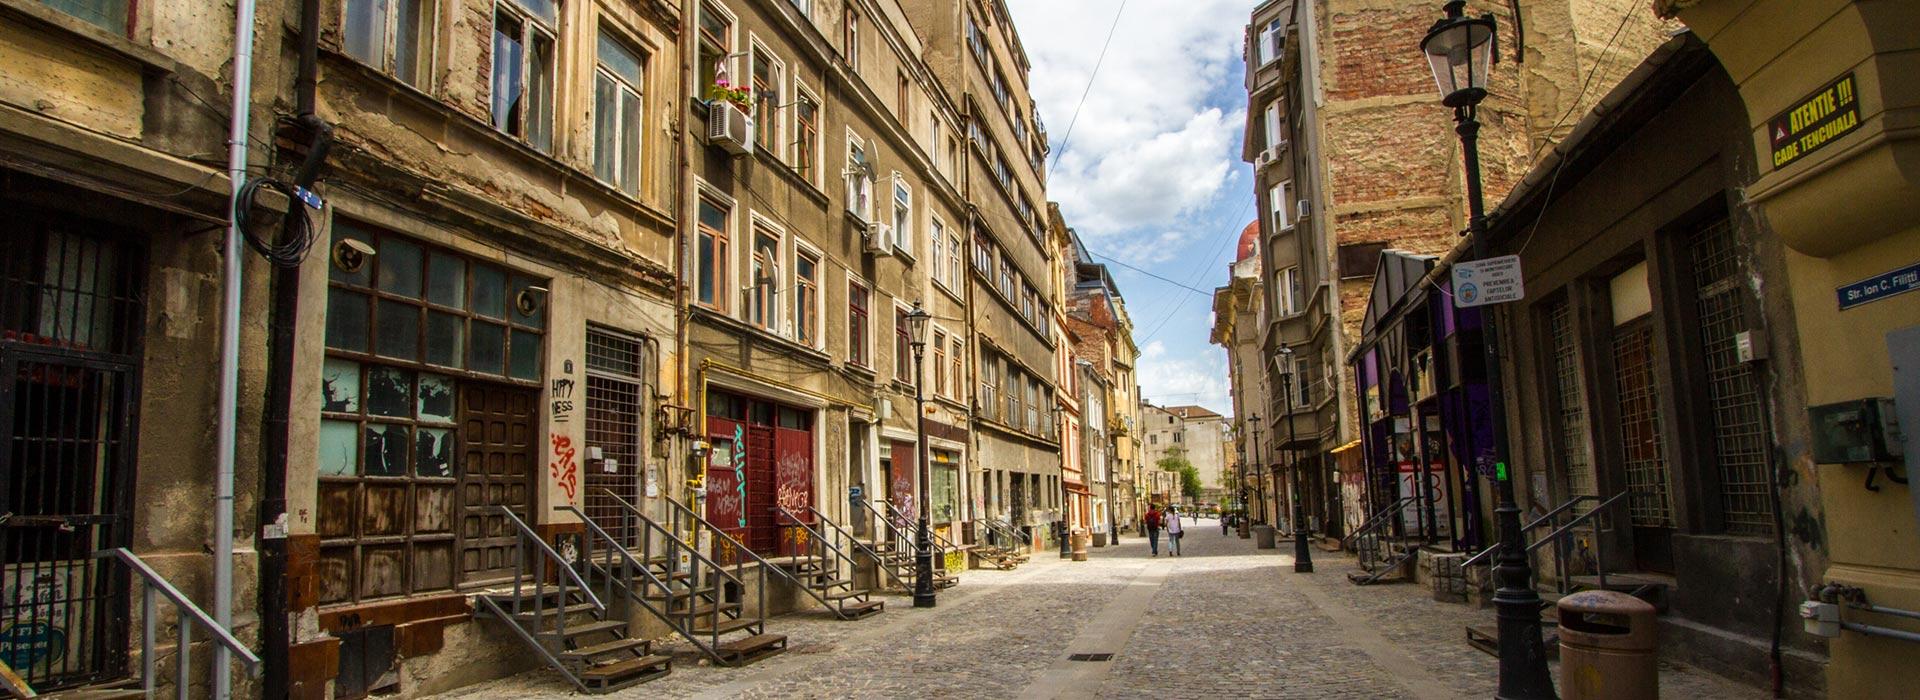 نتیجه تصویری برای محله قدیمی بخارست